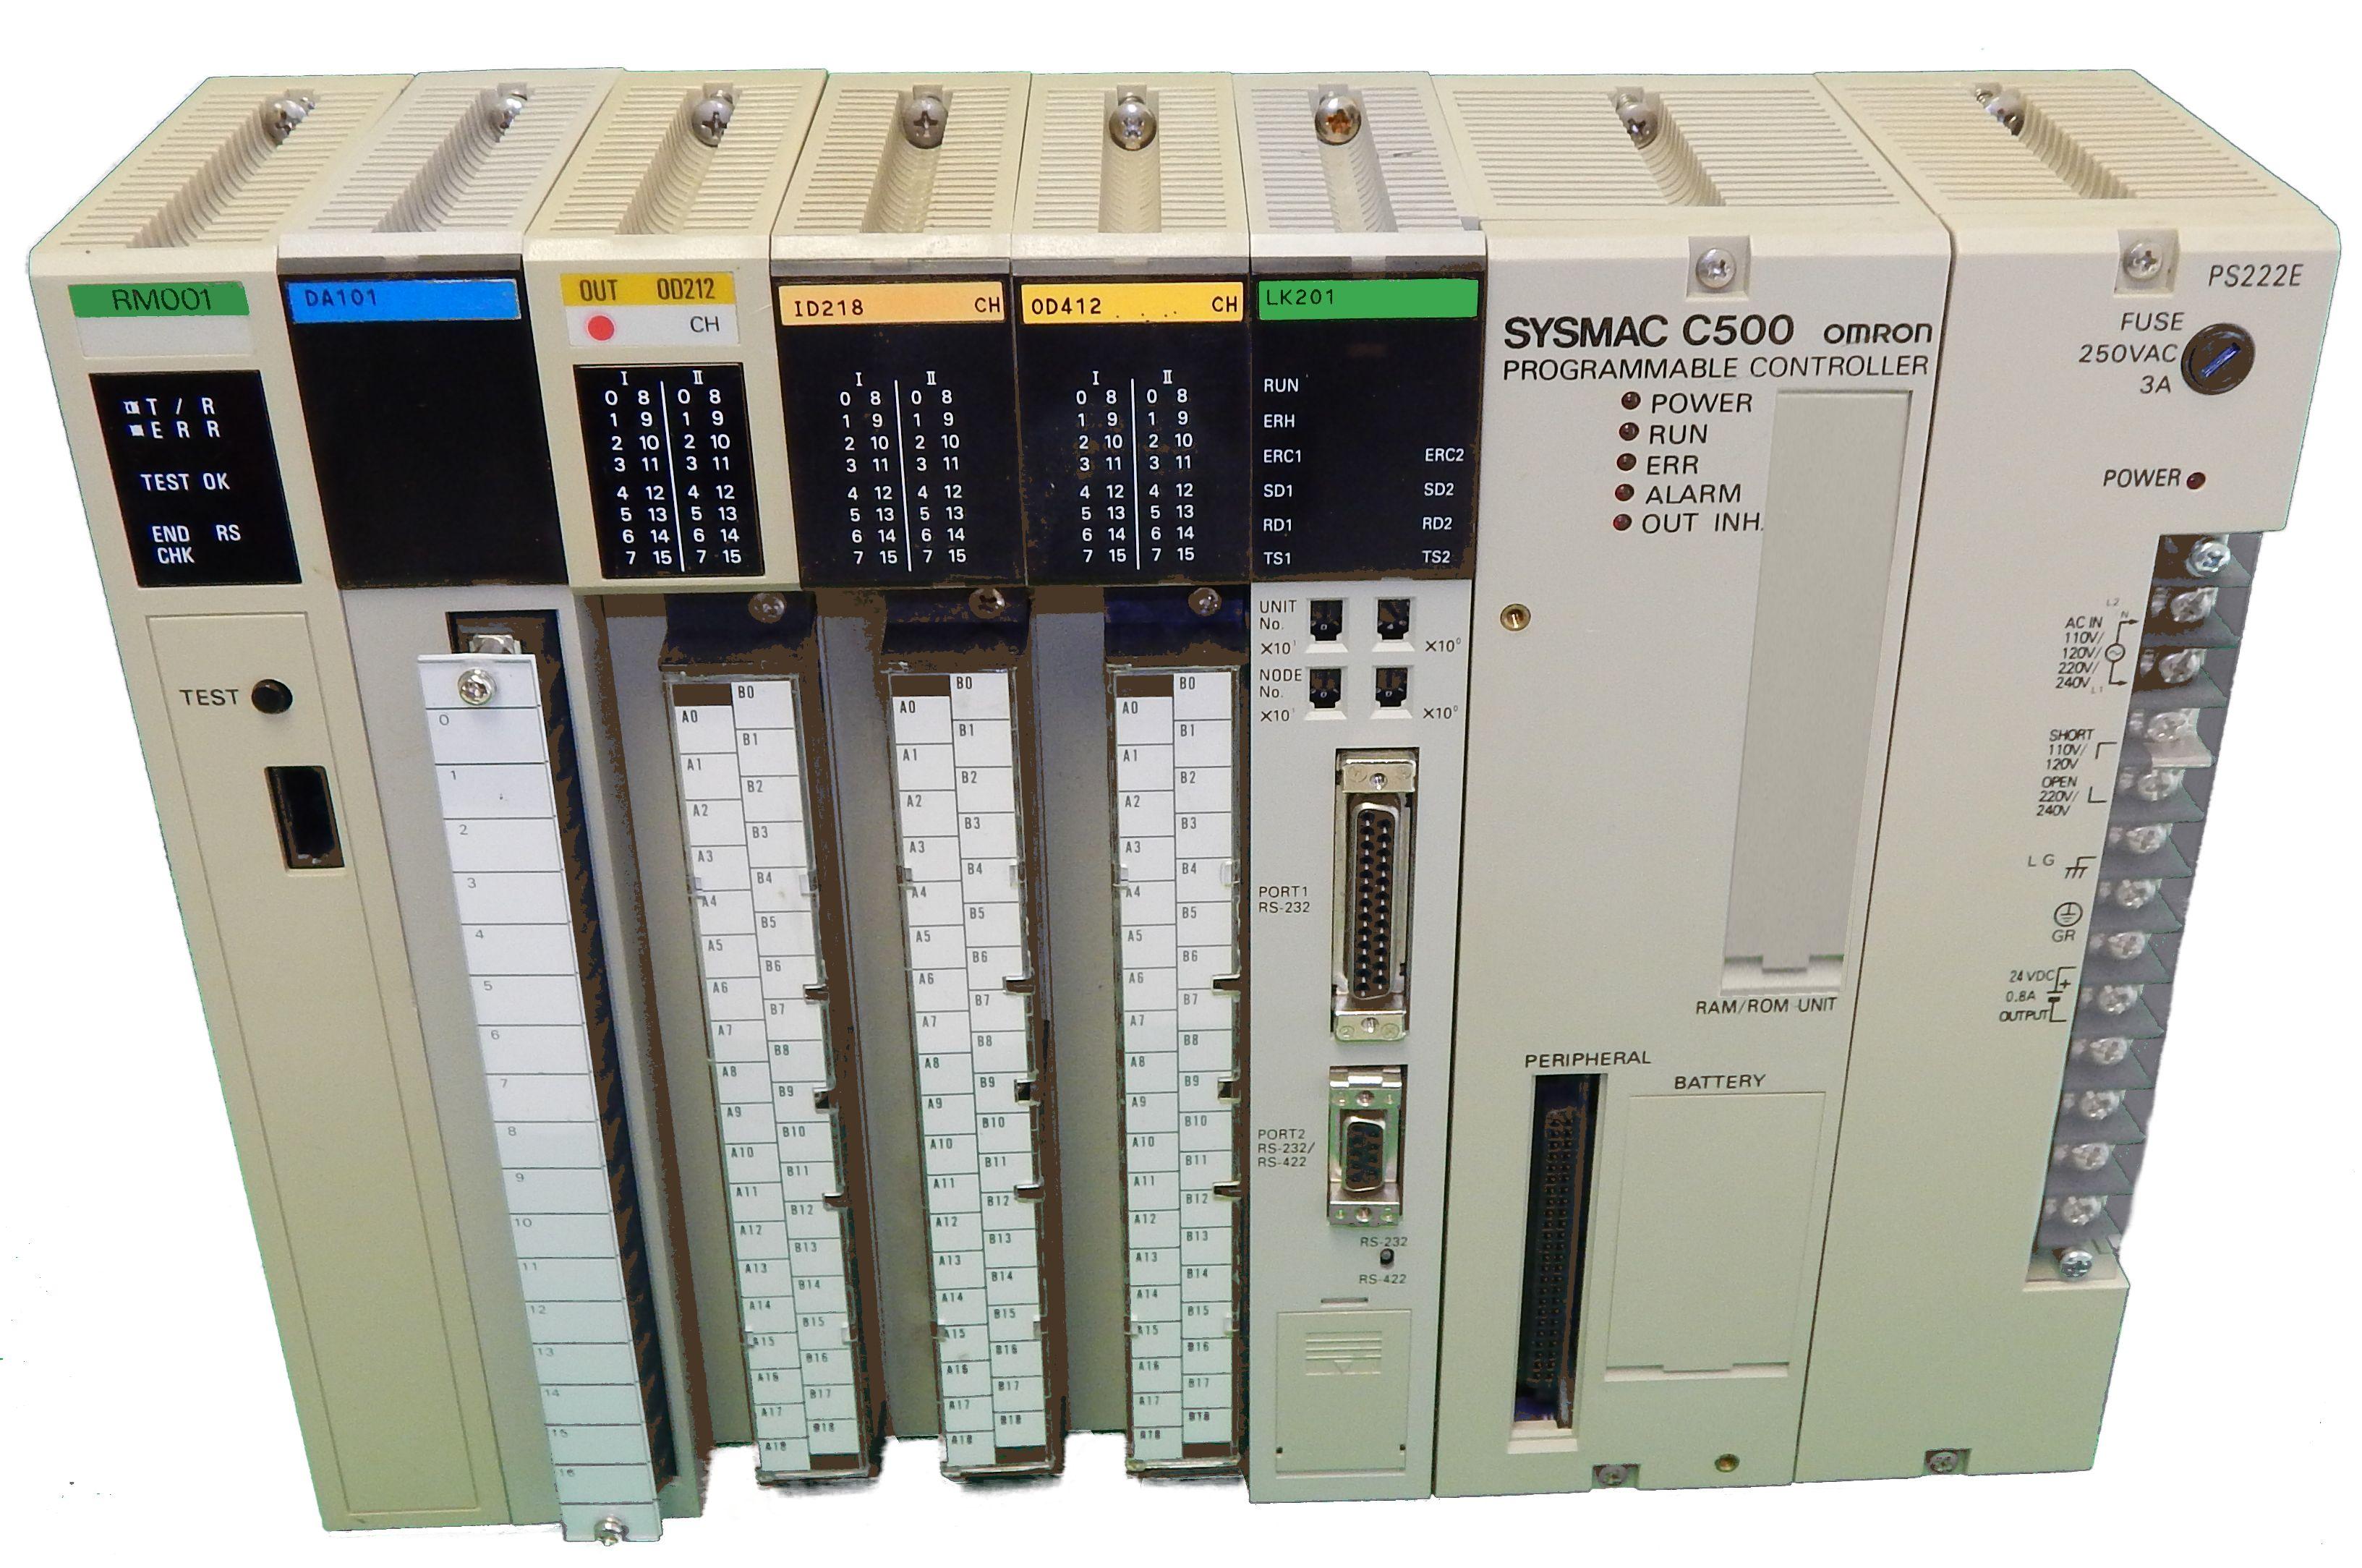 3G2C3-CPU11-V1